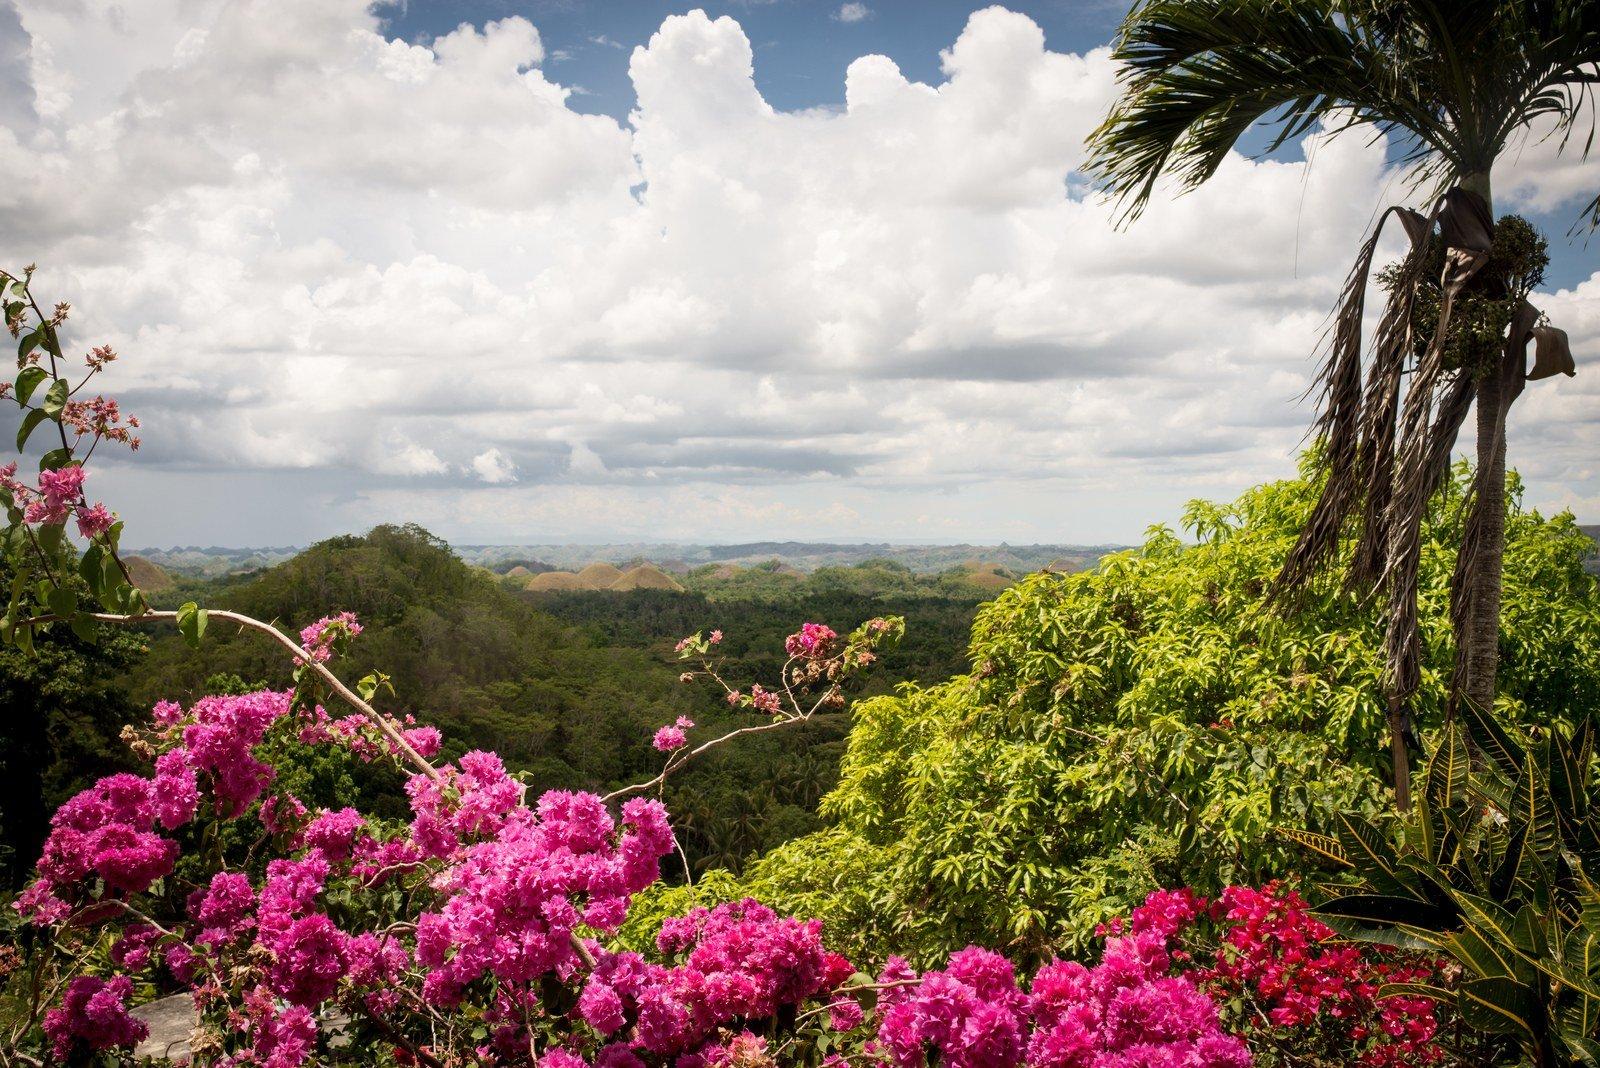 Végétation et fleurs des Philippines Chocolate Hills